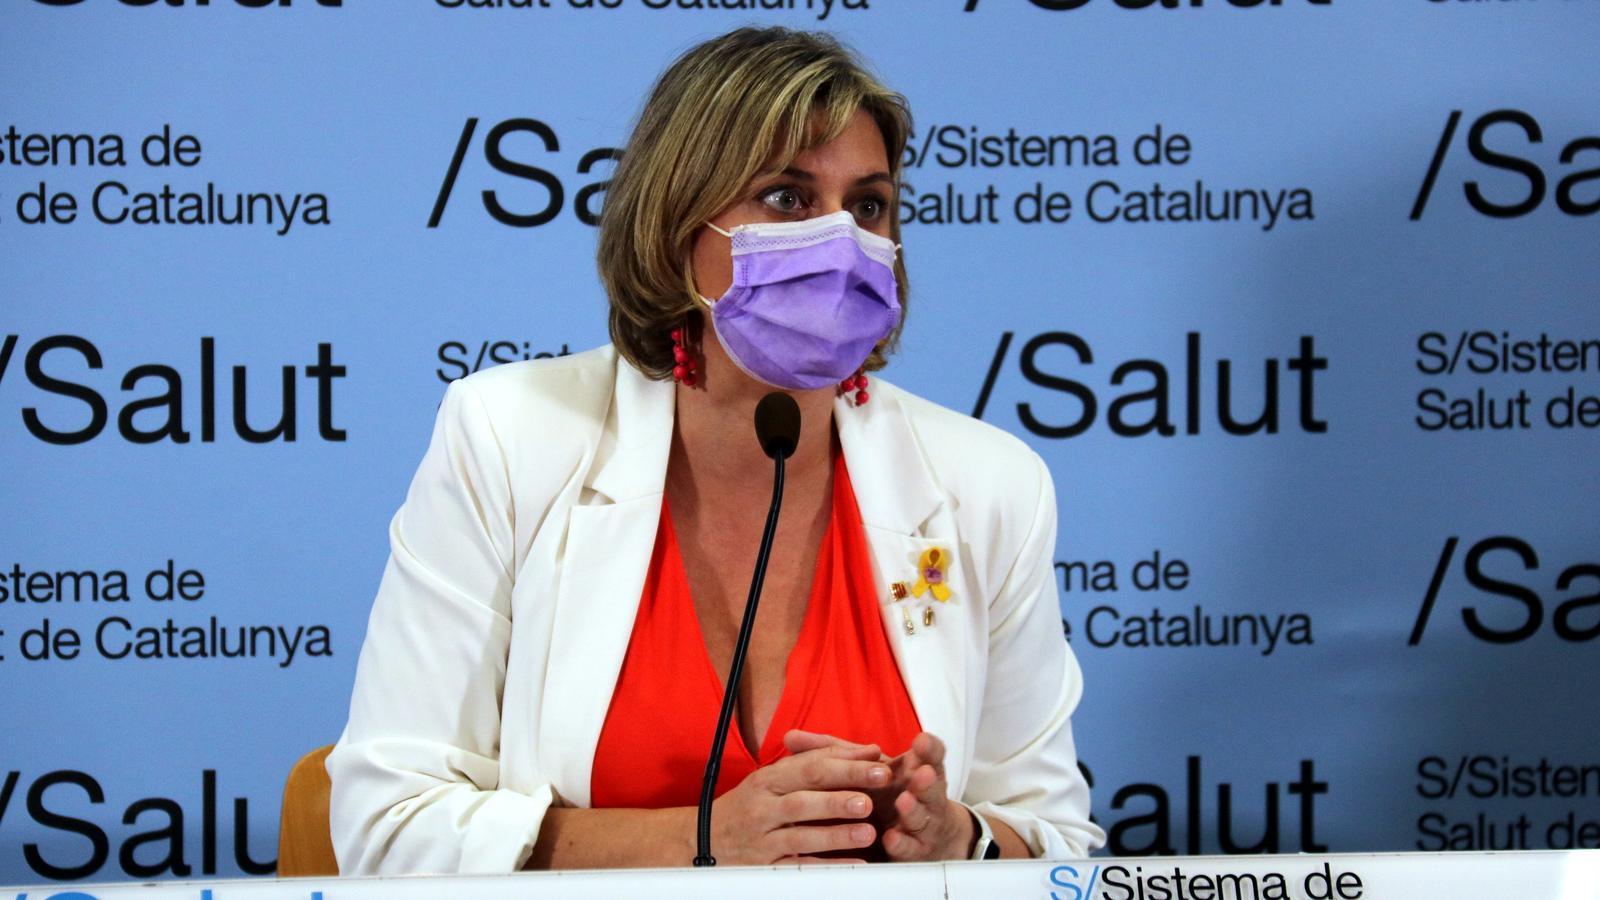 La consellera de Salut, Alba Vergés, durant la roda de premsa d'aquest dijous per explicar el circuit que segueixen els malalts de covid-19 i com es fa el rastreig de contactes i el seguiment